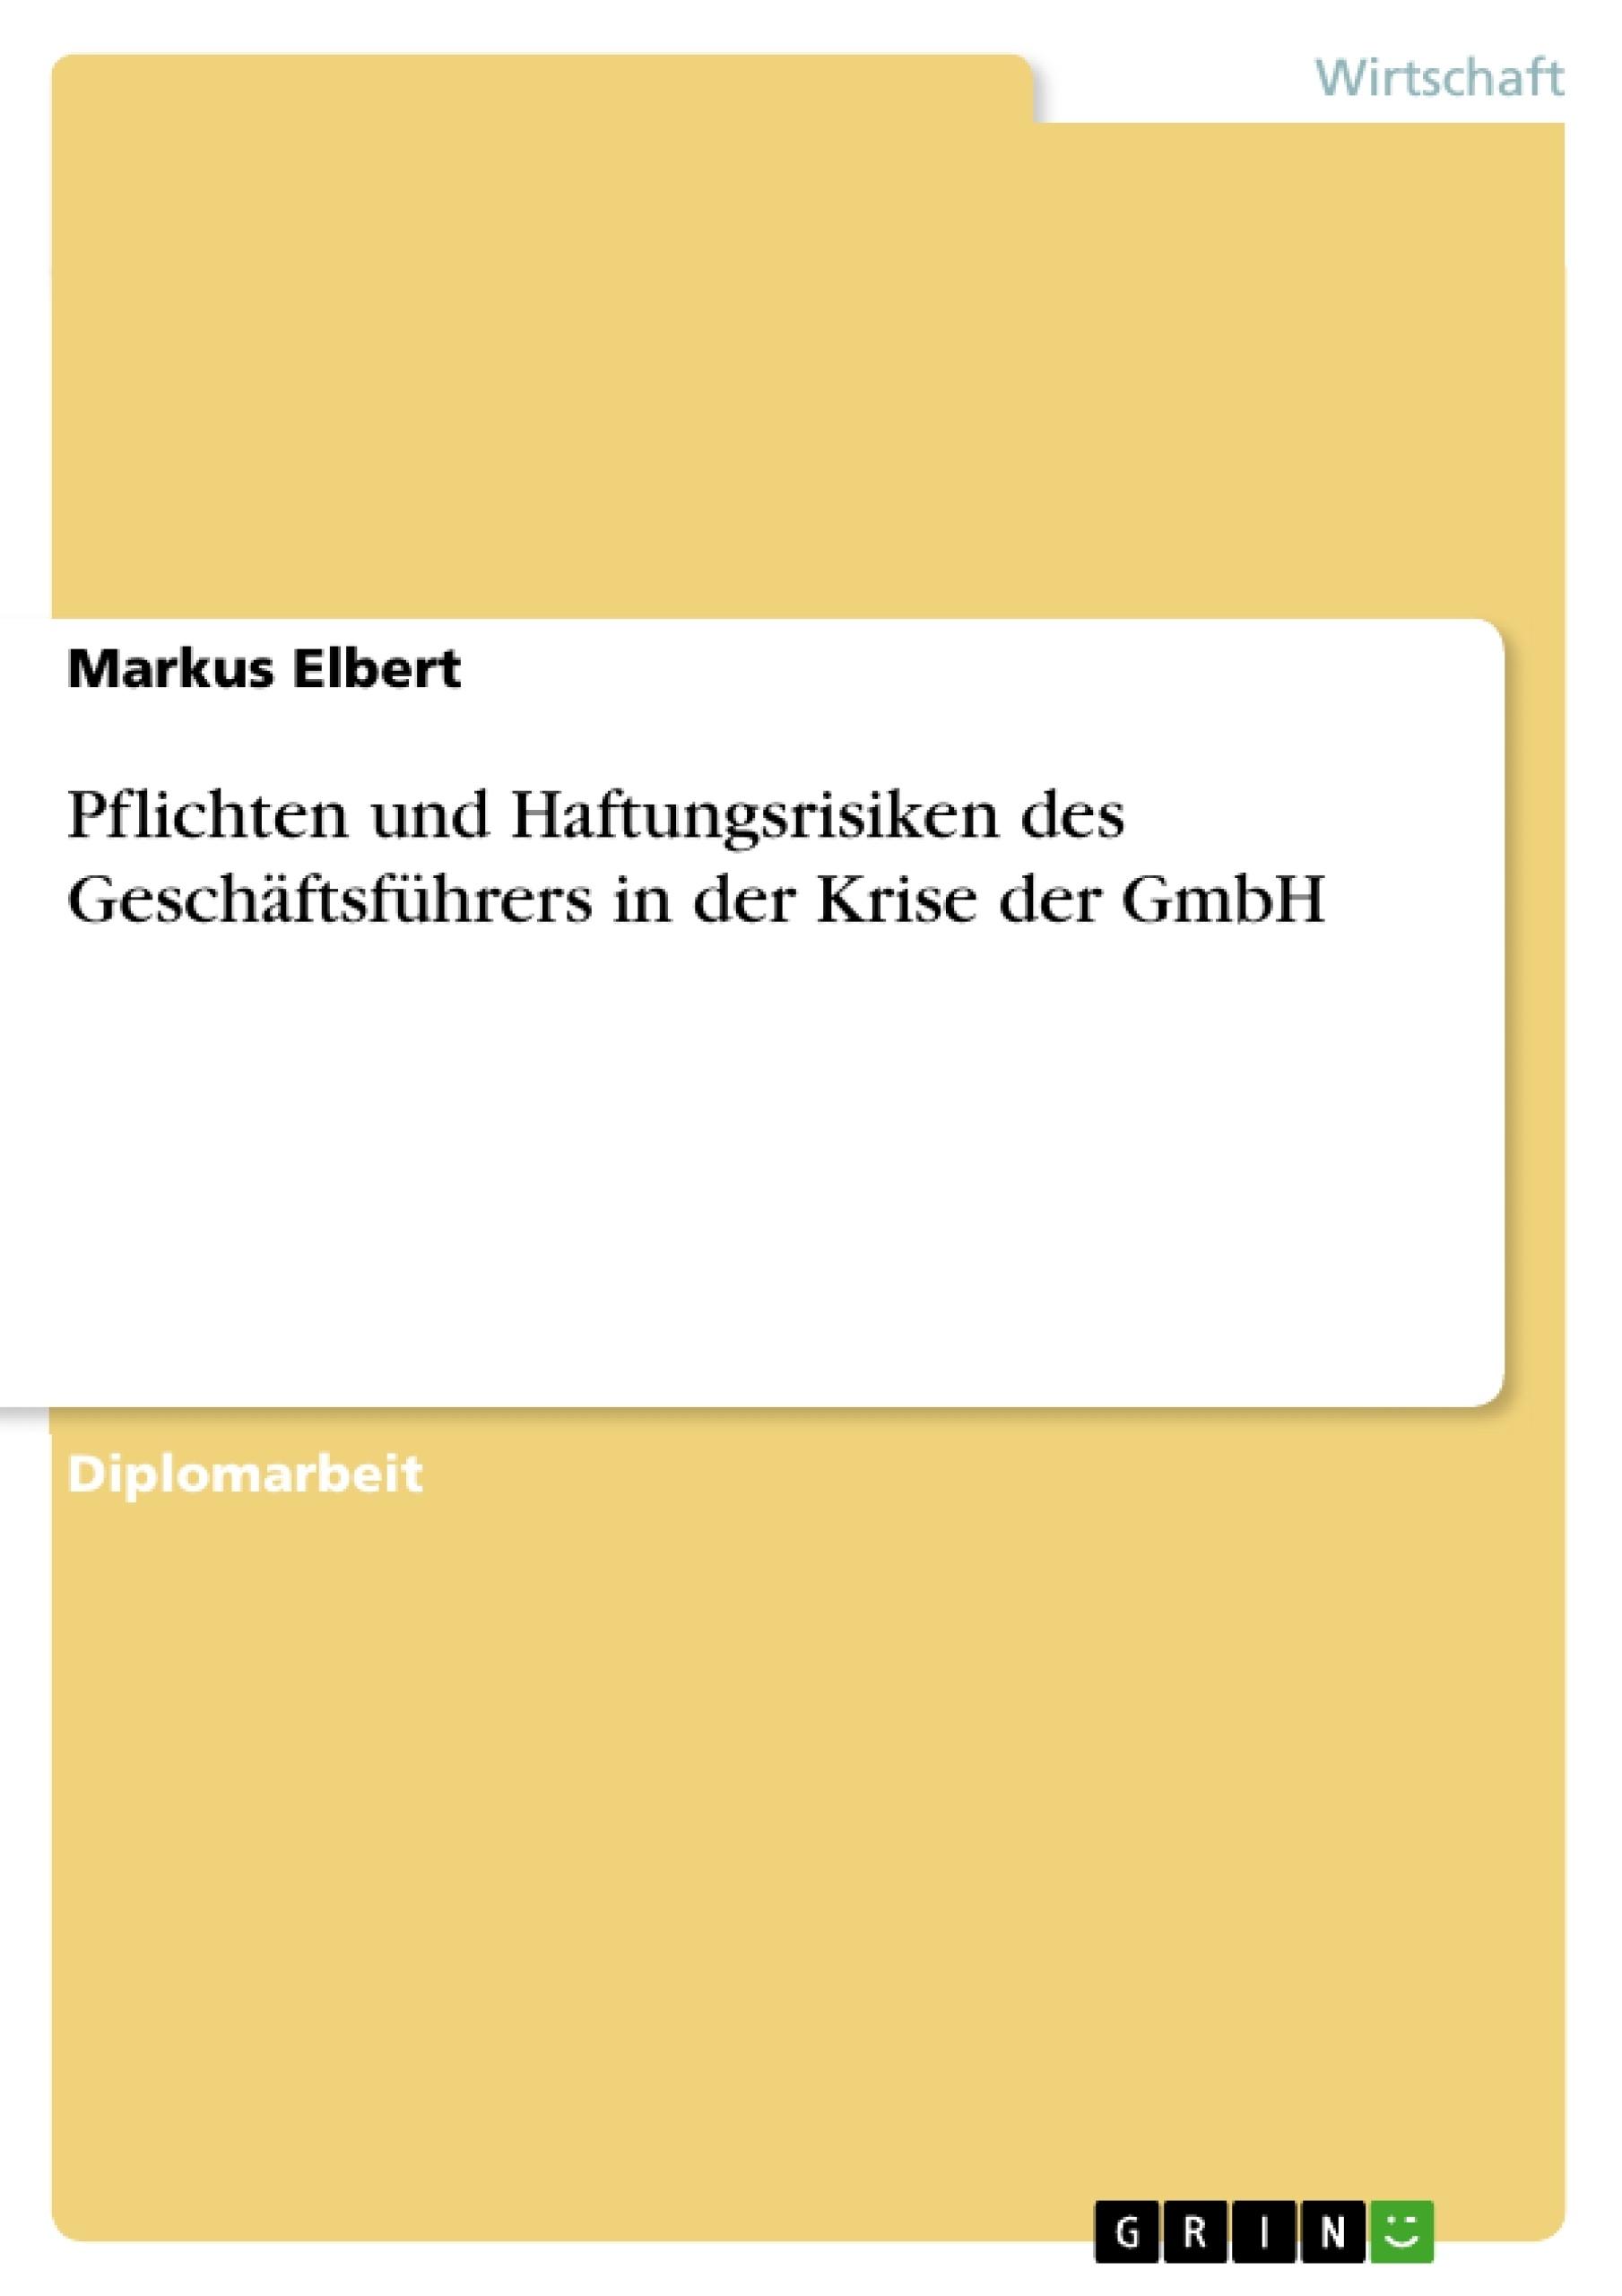 Titel: Pflichten und Haftungsrisiken des Geschäftsführers in der Krise der GmbH